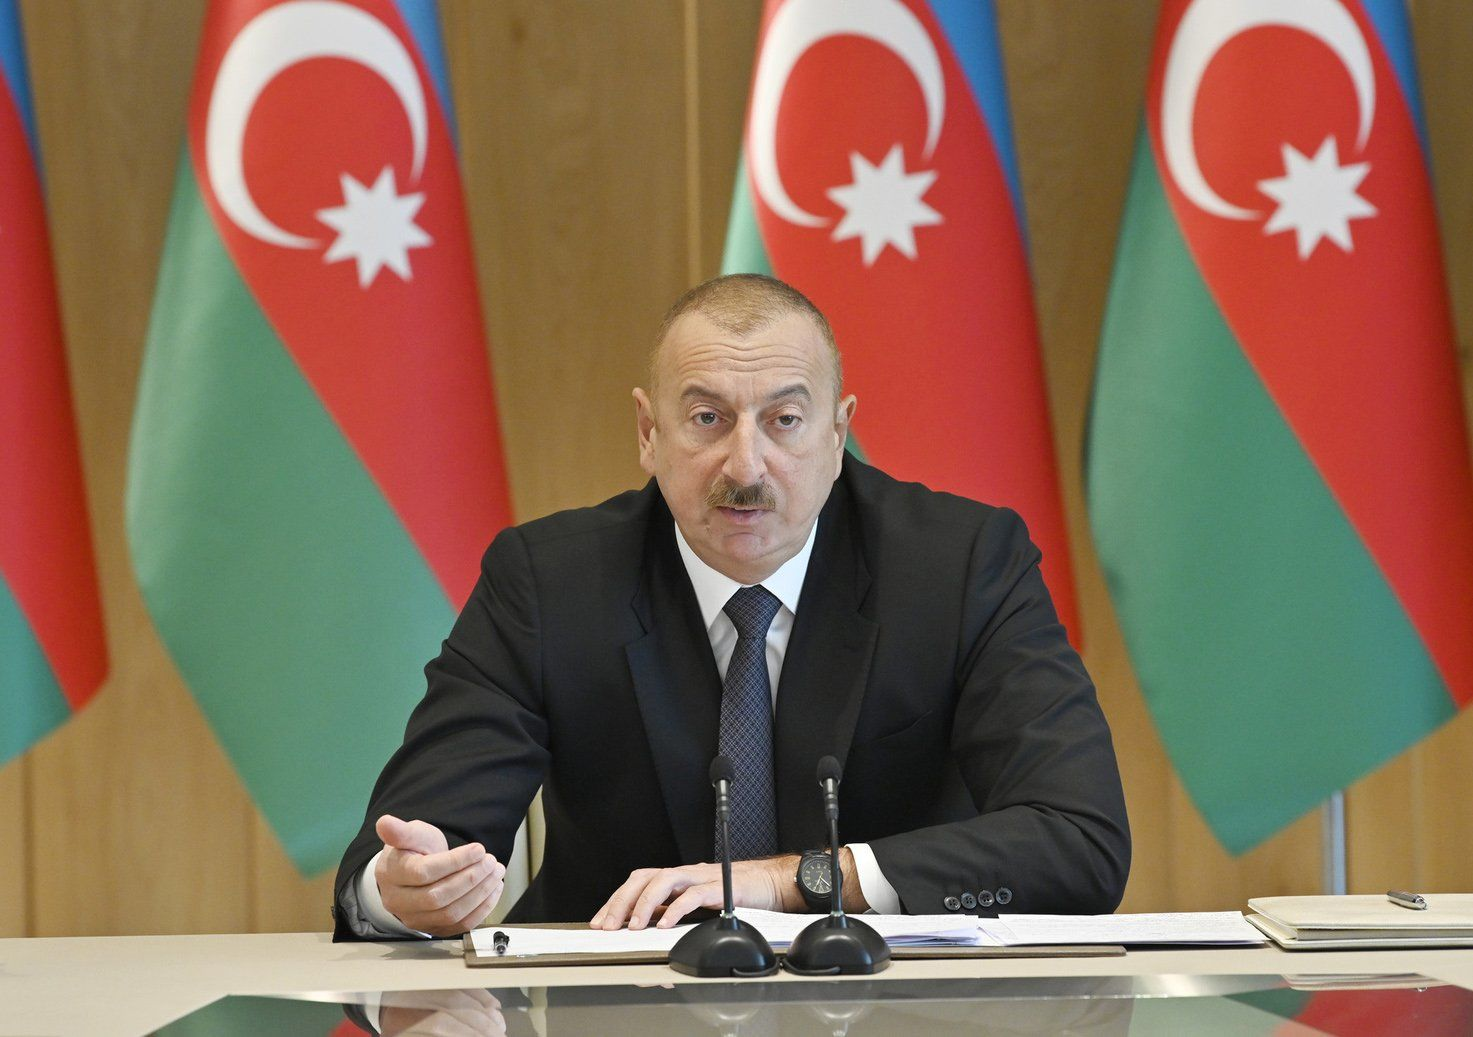 Иран что-то затевает: Азербайджан обеспокоен первыми за 30 лет военными учениями иранцев возле своей границы